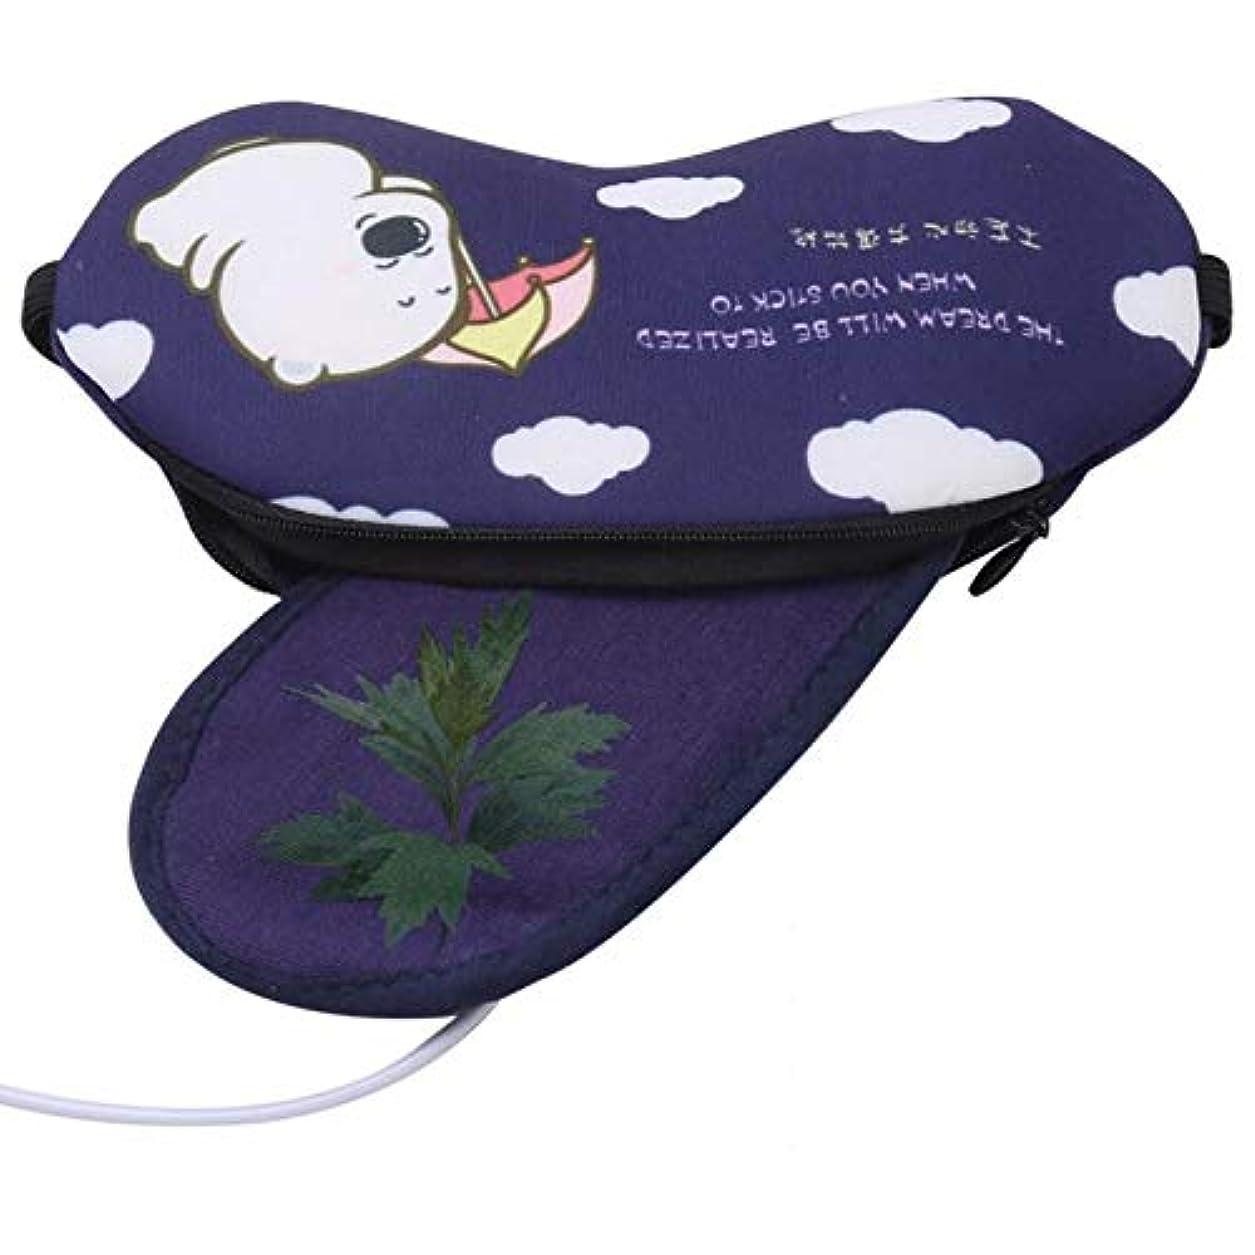 壊れたチューブ宗教的な注意事項HANRIVER USB暖房電気ホットパックスチームアイマスク暖房快適な睡眠軽減目の疲れを軽減ダークサークル